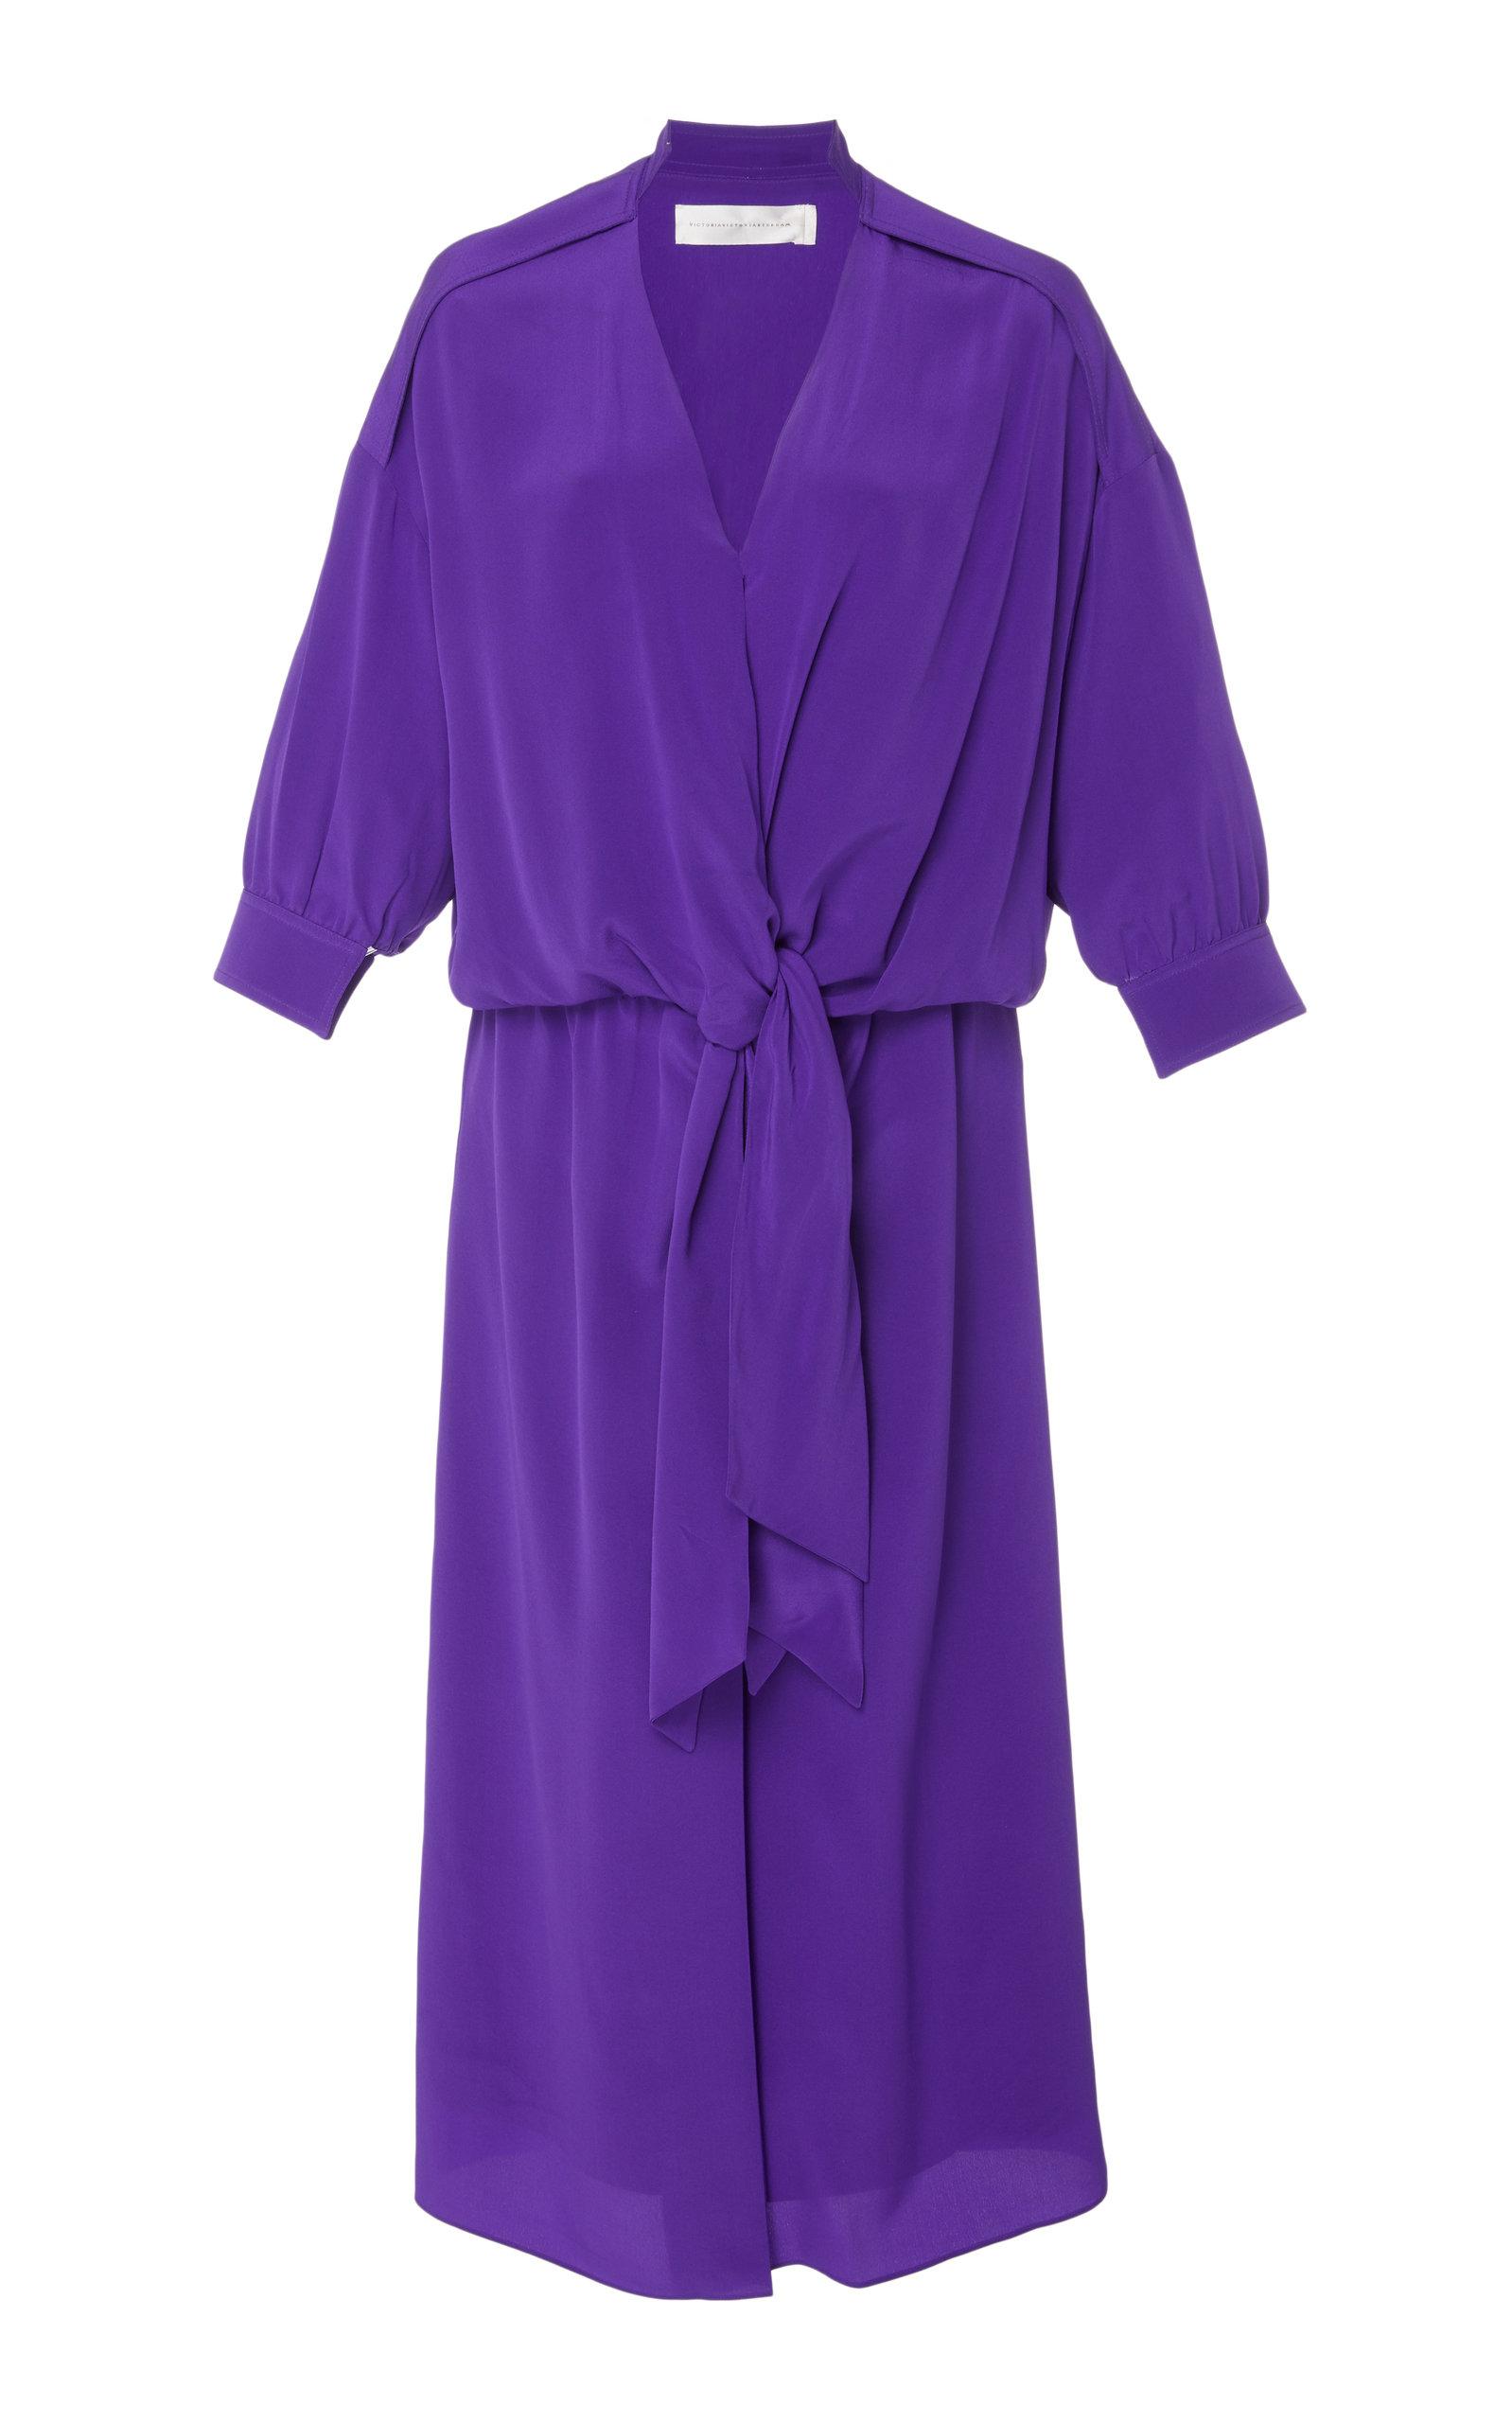 Victoria Victoria Beckham TIED WASHED-SILK SHIRT DRESS